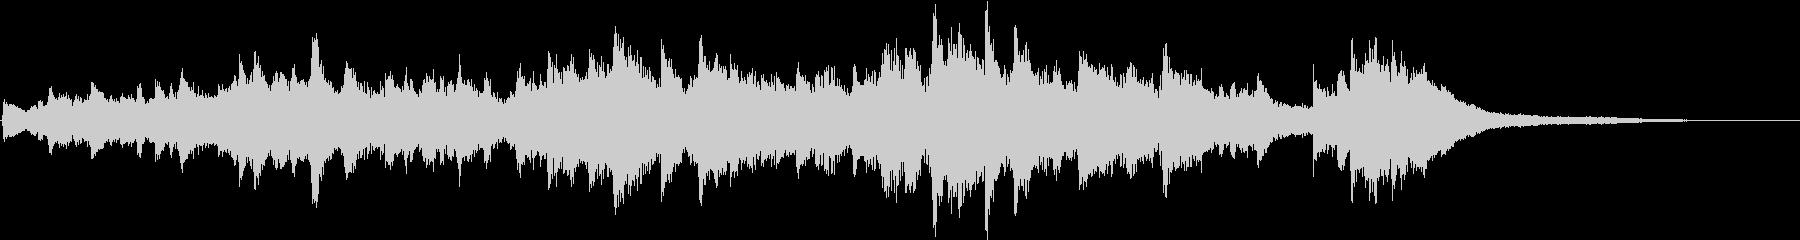 流れる様なピアノ曲の未再生の波形